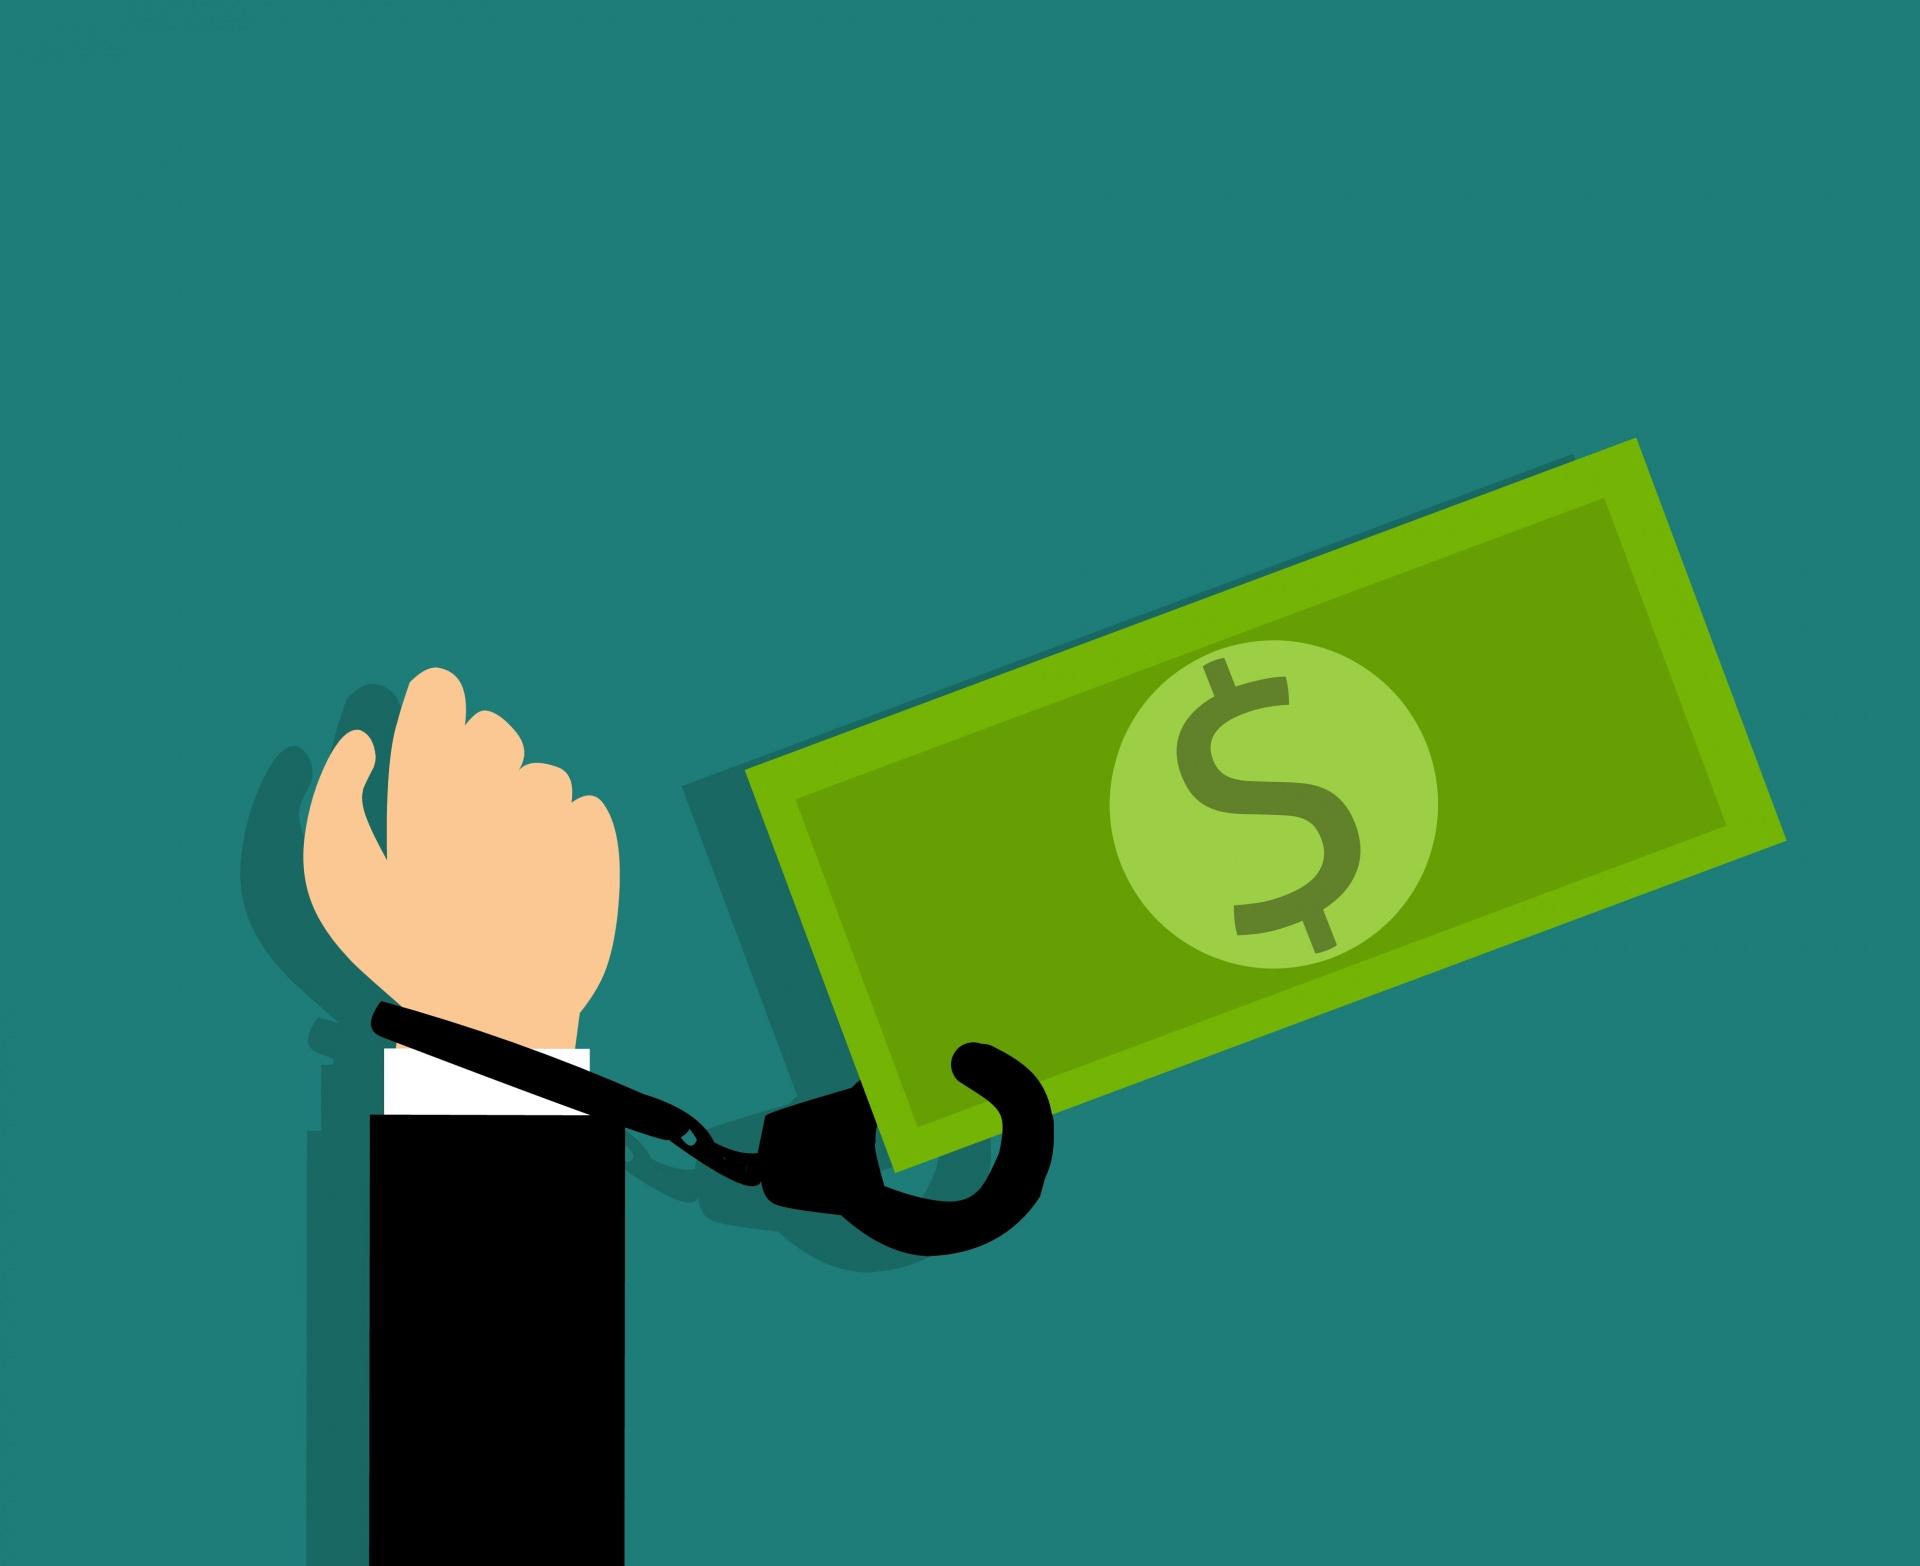 Ações isentas de IR: saiba quais empresas possuem esse benefício fiscal